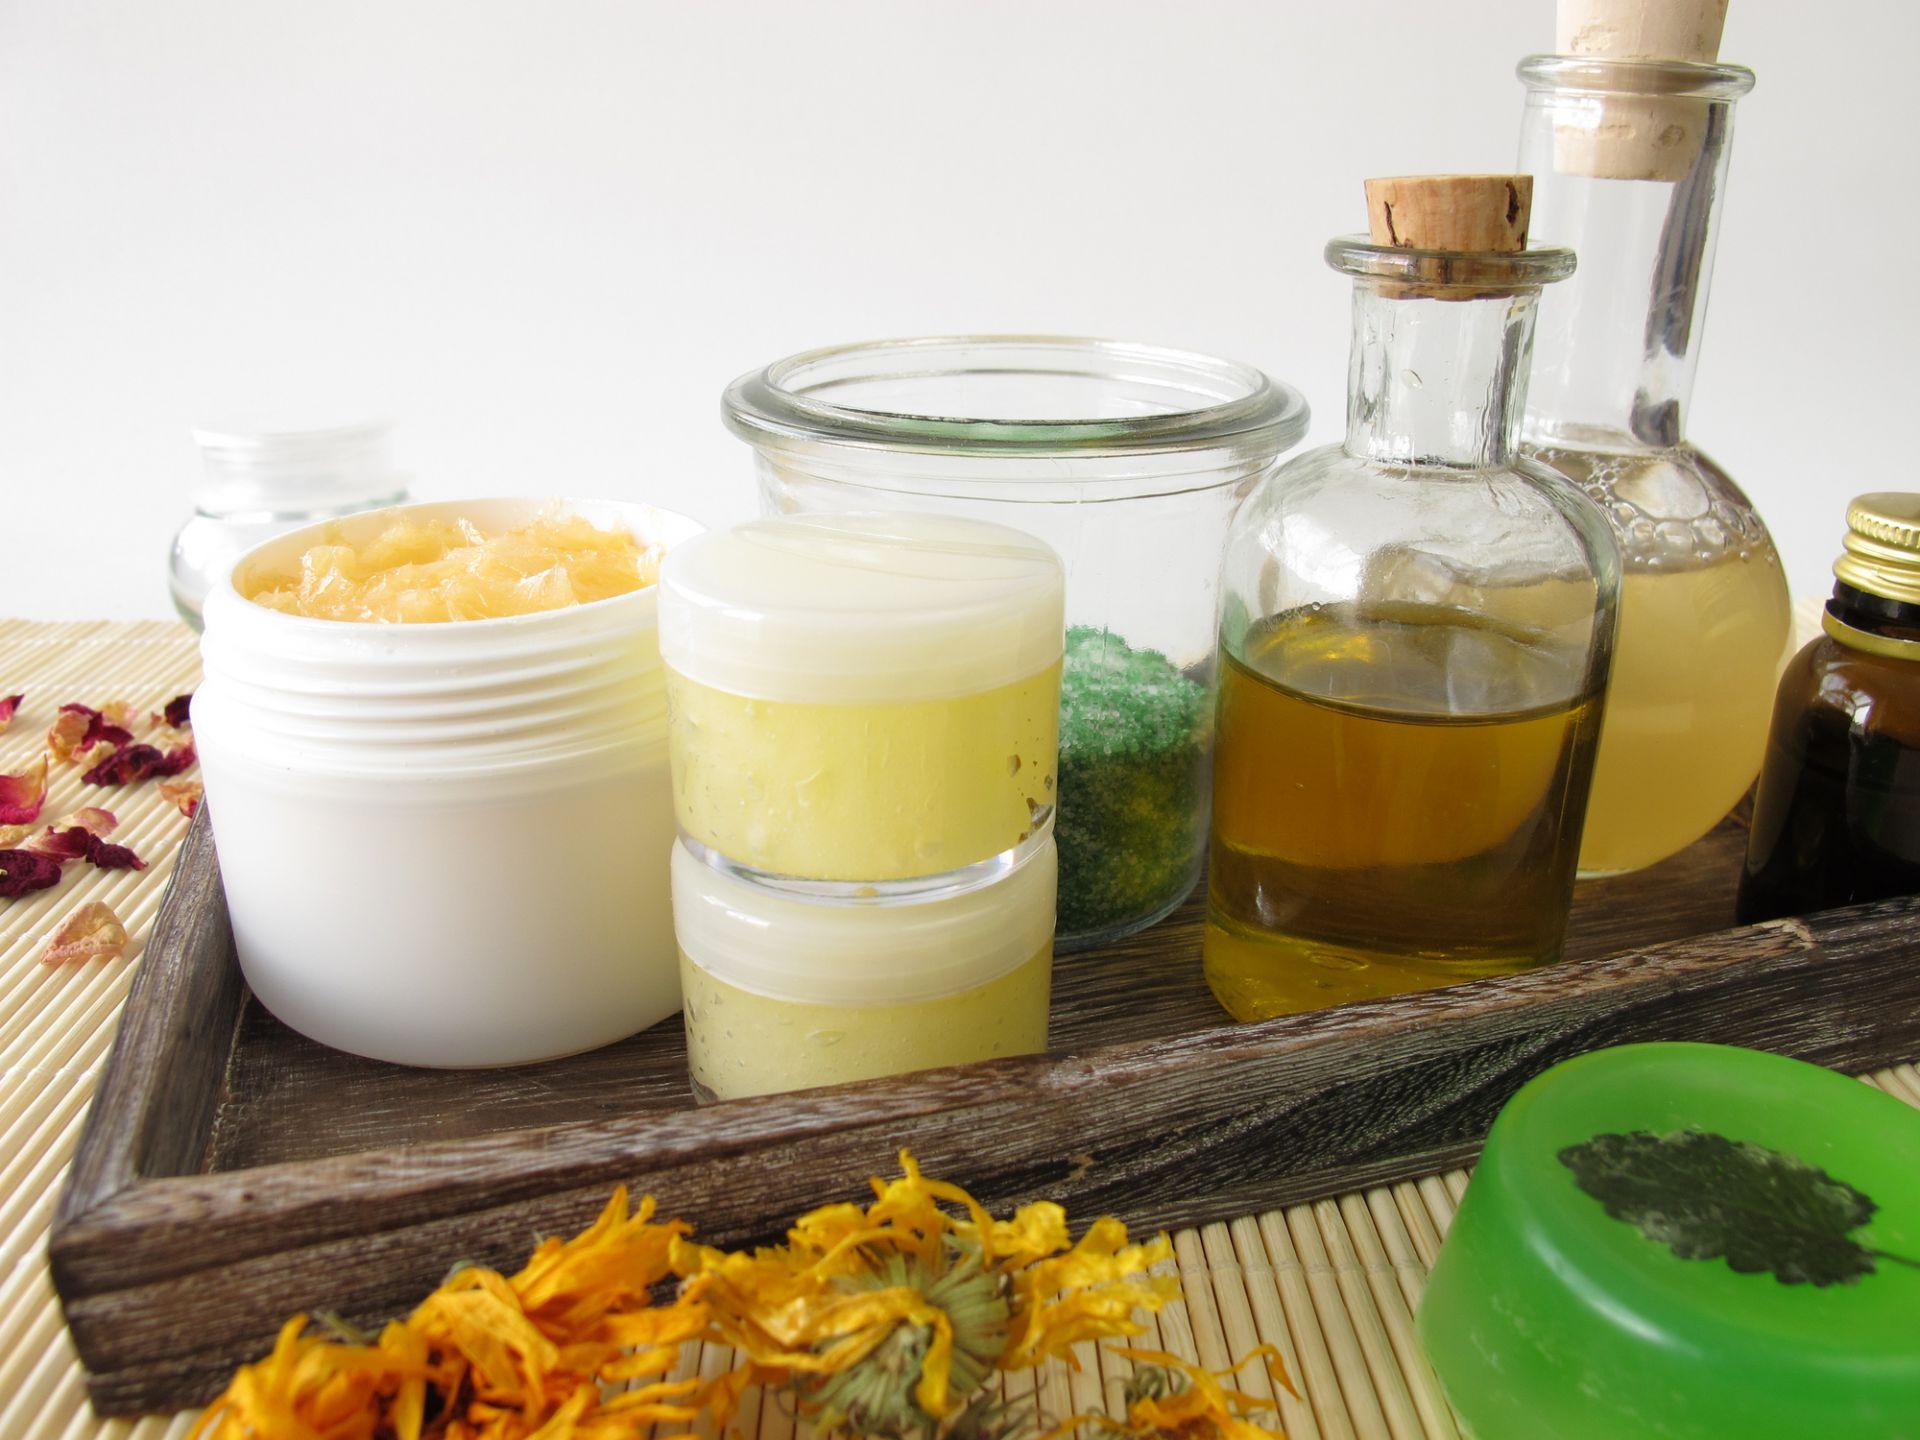 """Маски и подсилващи лосиони за кожата и тялото, както и детокс чайове и други добавки за имунната система - в секцията """"Дрогерия"""""""